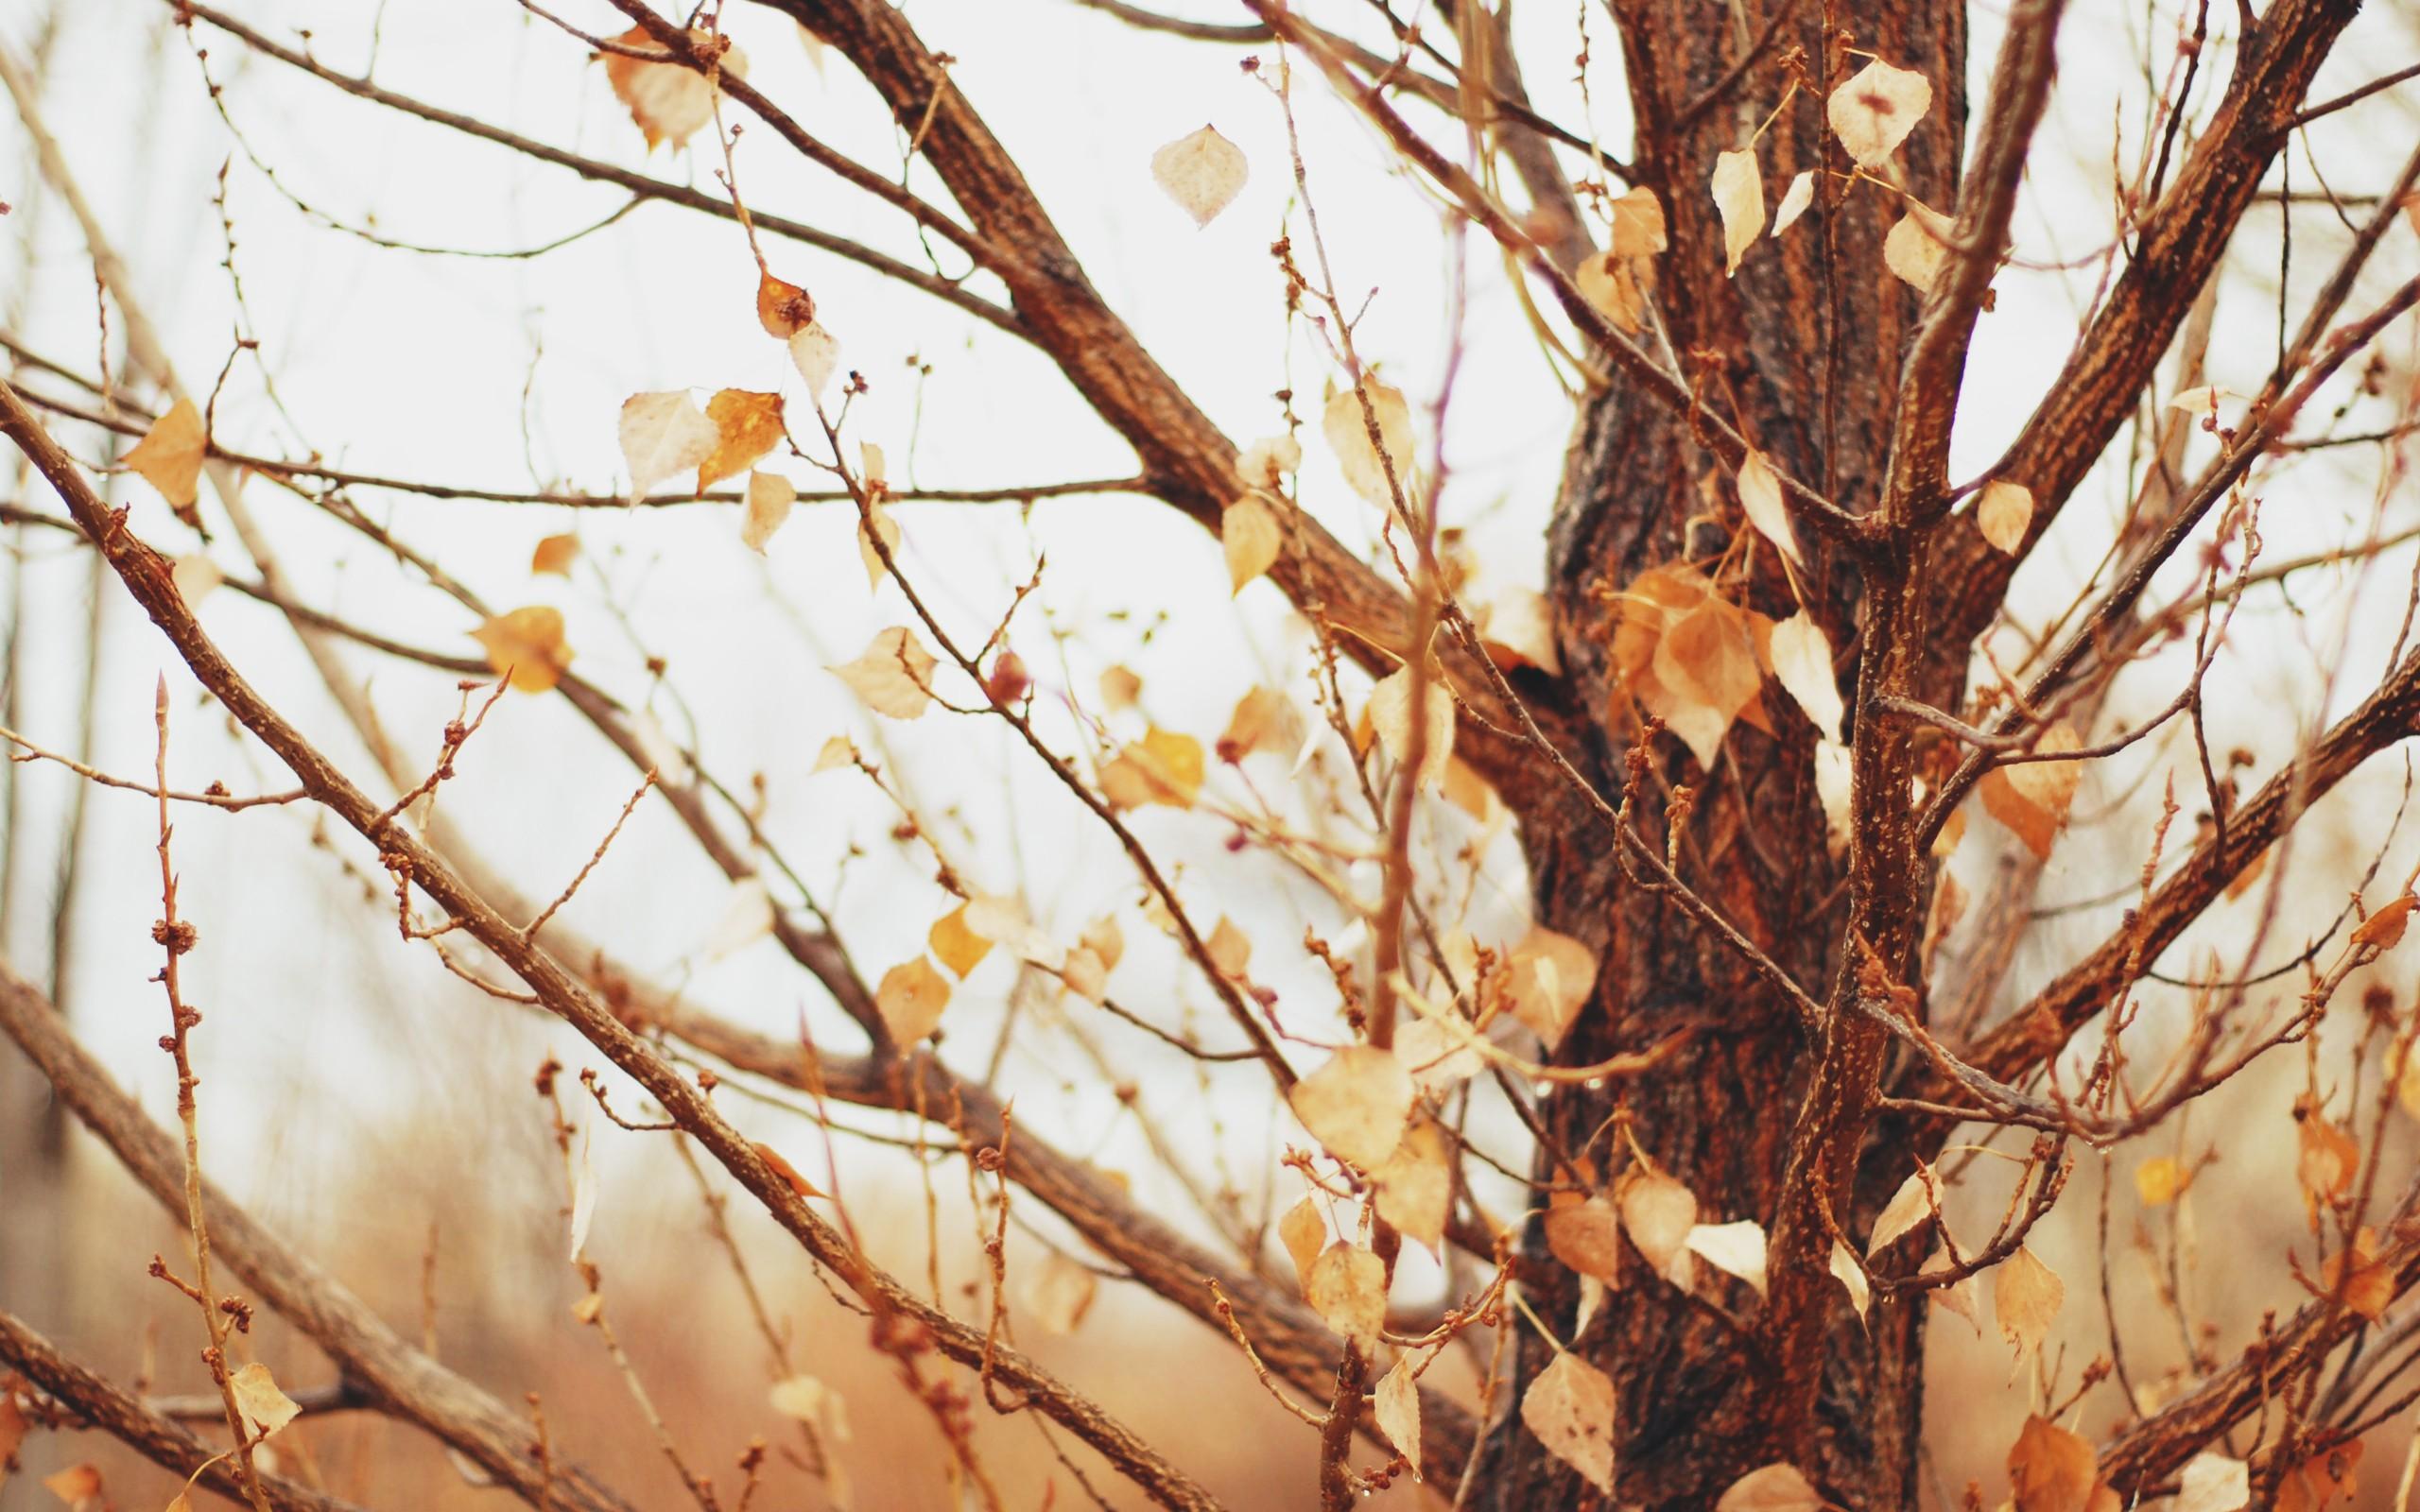 Пропитка по дереву тик цвет фото представляет особый